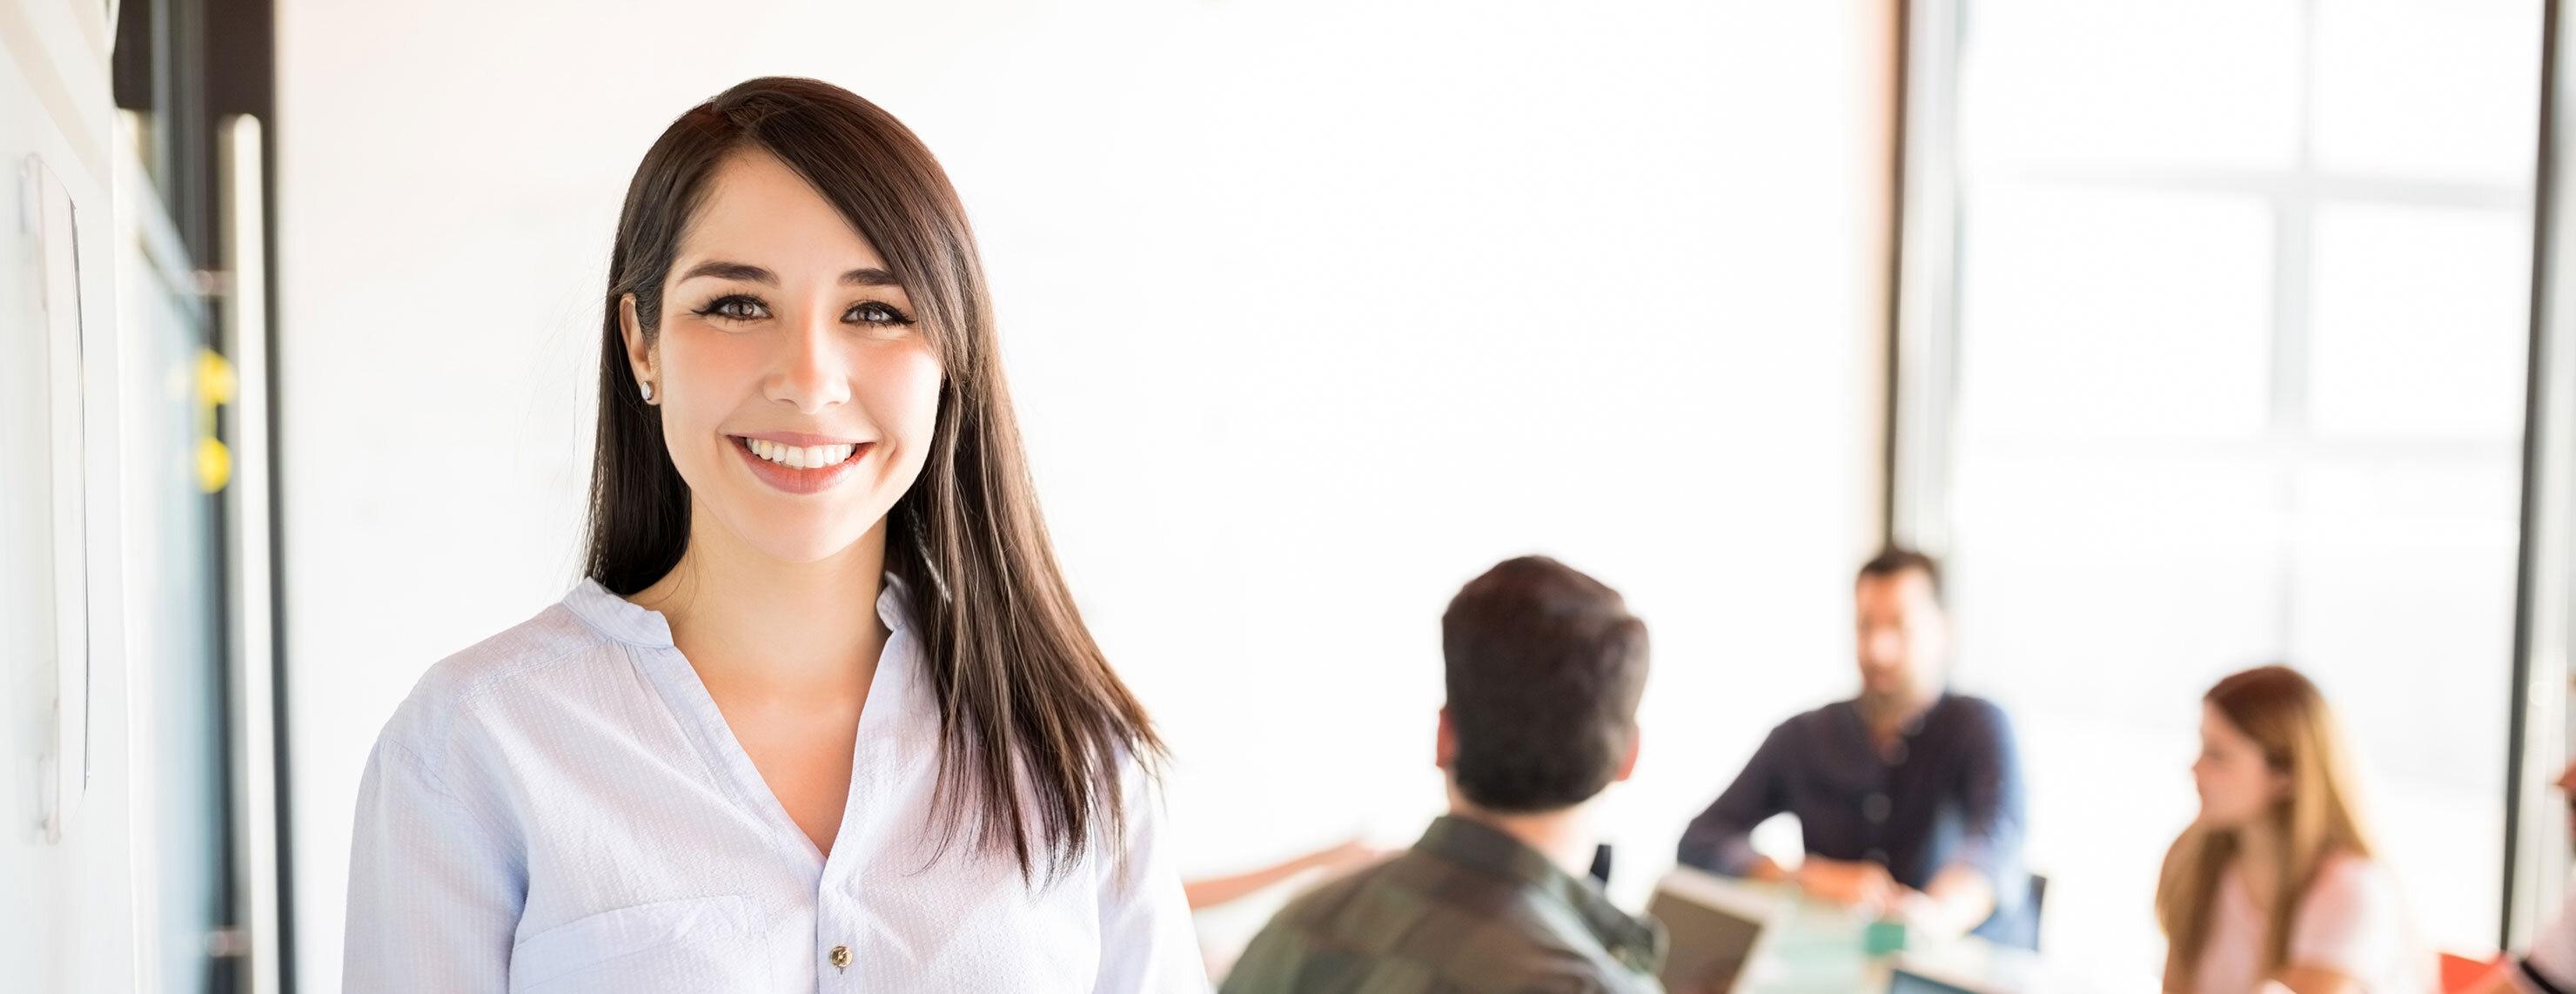 Junge Frau im Meetingraum mit KollegInnen im Hintergrund